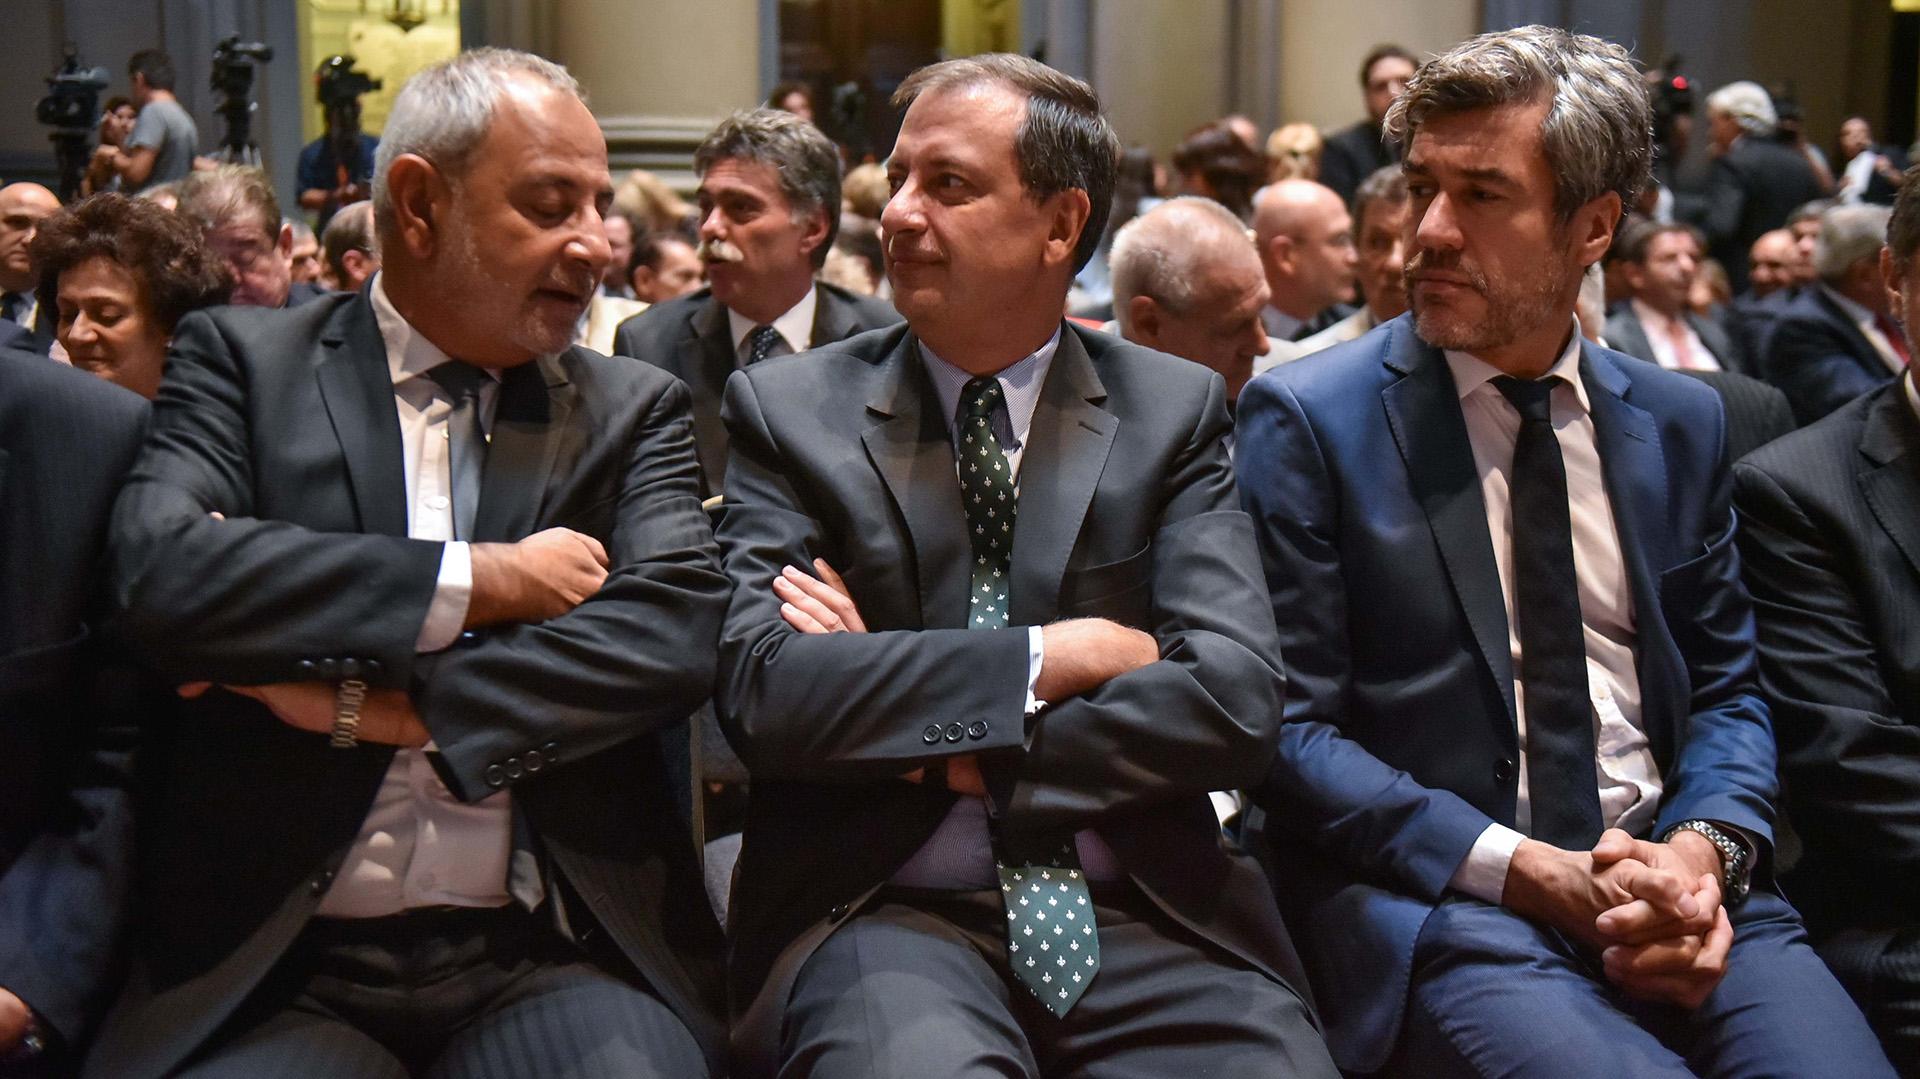 Los jueces Daniel Morín, Eugenio Sarrabayrouse y Horacio Días